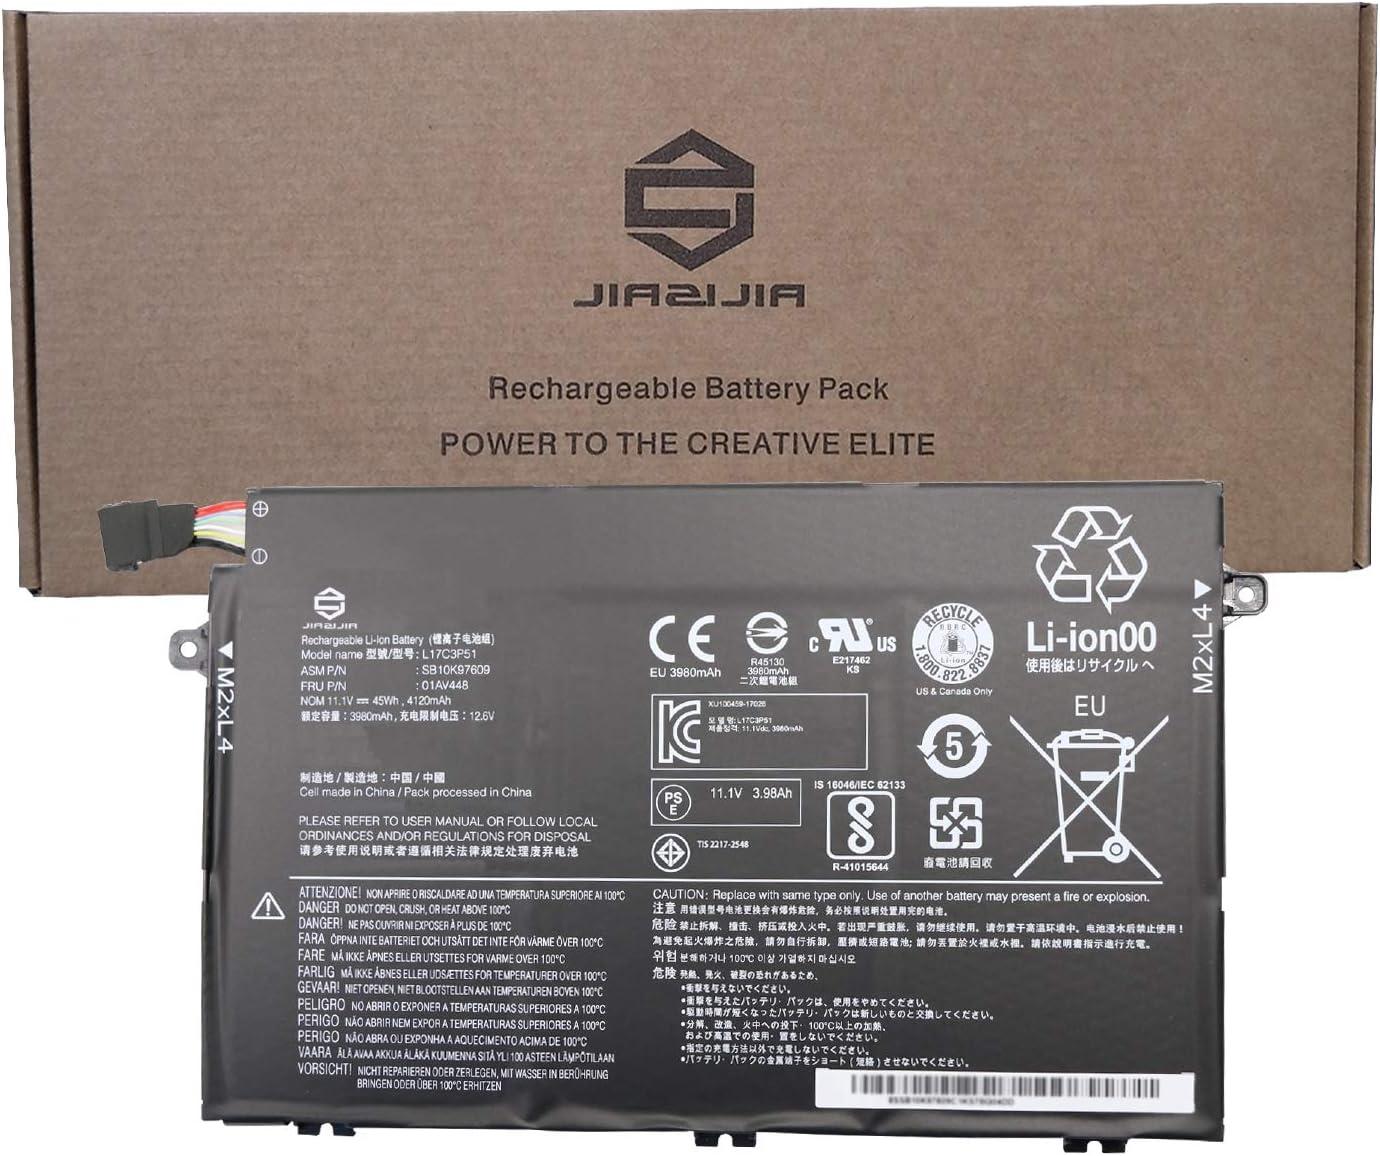 JIAZIJIA 01AV448 Laptop Battery Replacement for Lenovo ThinkPad E480 E485 E495 E580 E585 E490 E590 E595 Series SB10K97609 L17C3P51 L17M3P52 SB10K97608 01AV447 L17L3P51 01AV445 01AV446 11.1V 45Wh